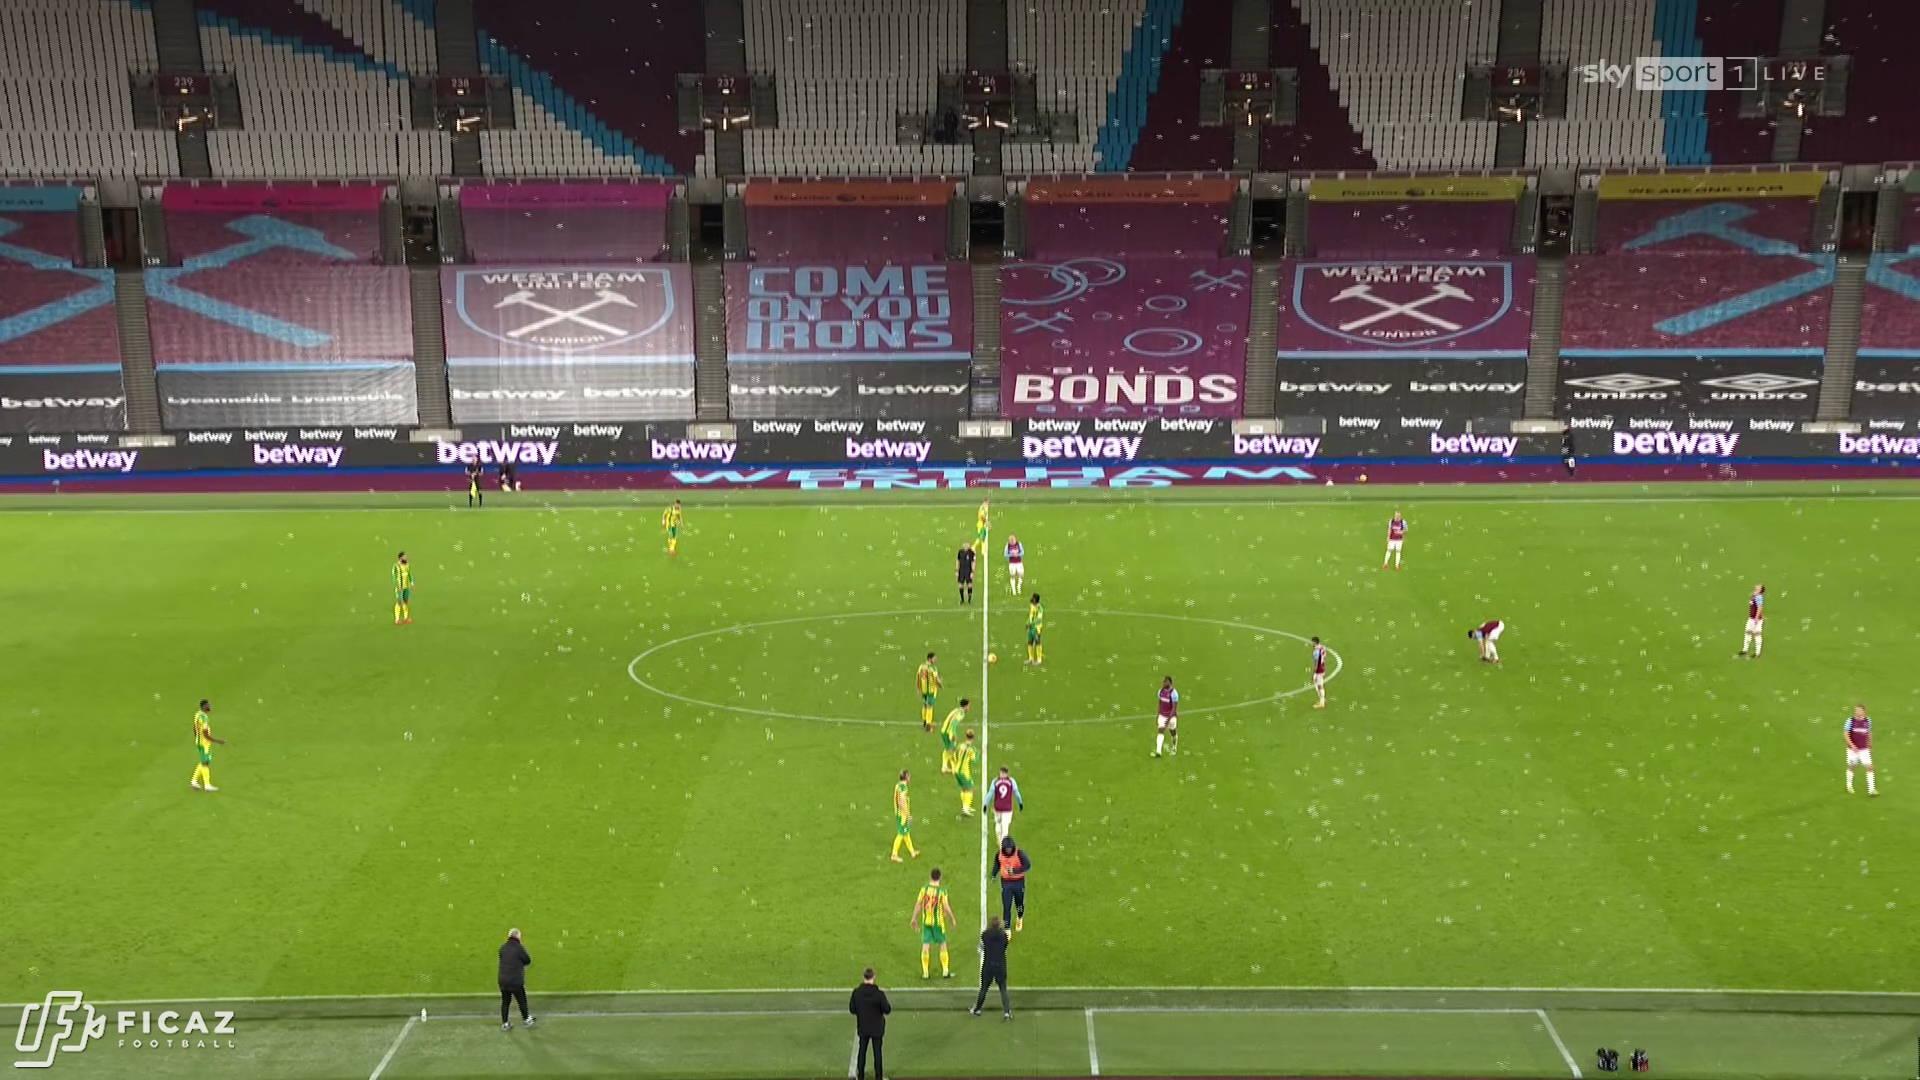 West Ham United F.C. - Main